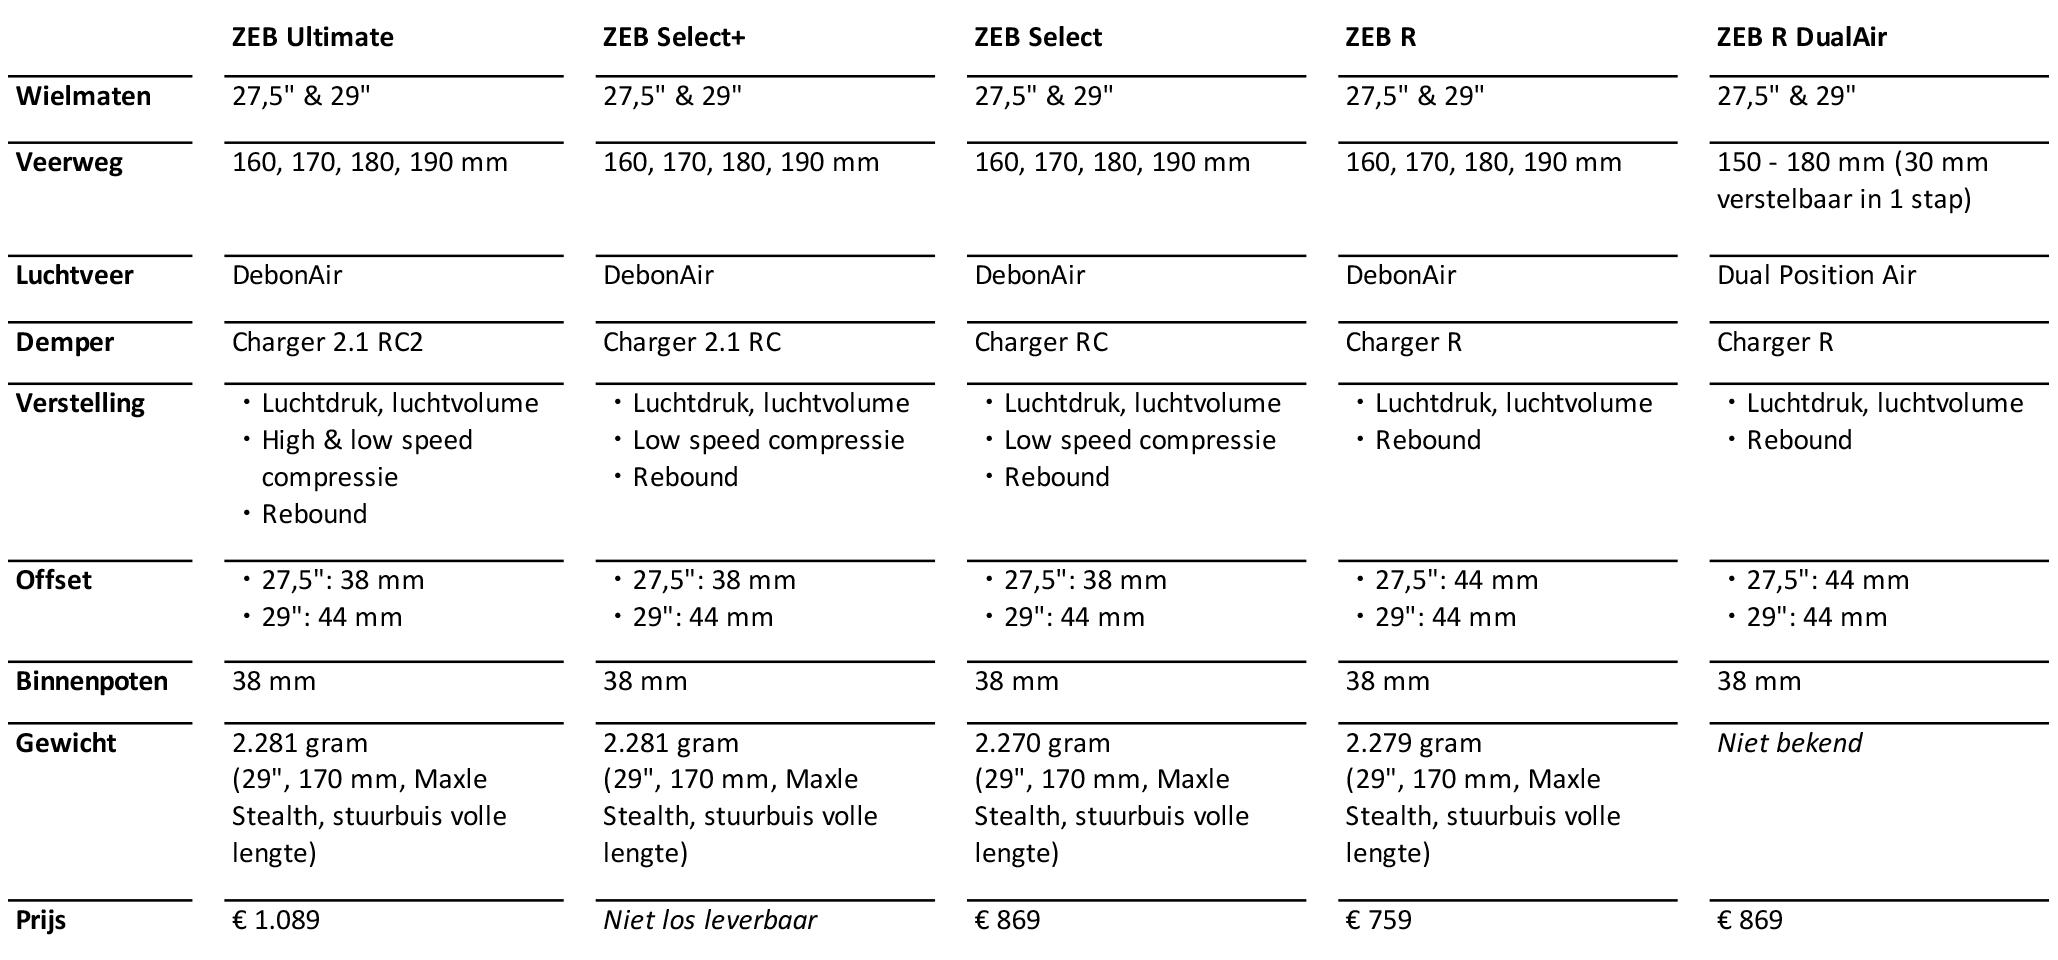 RockShox ZEB specificaties